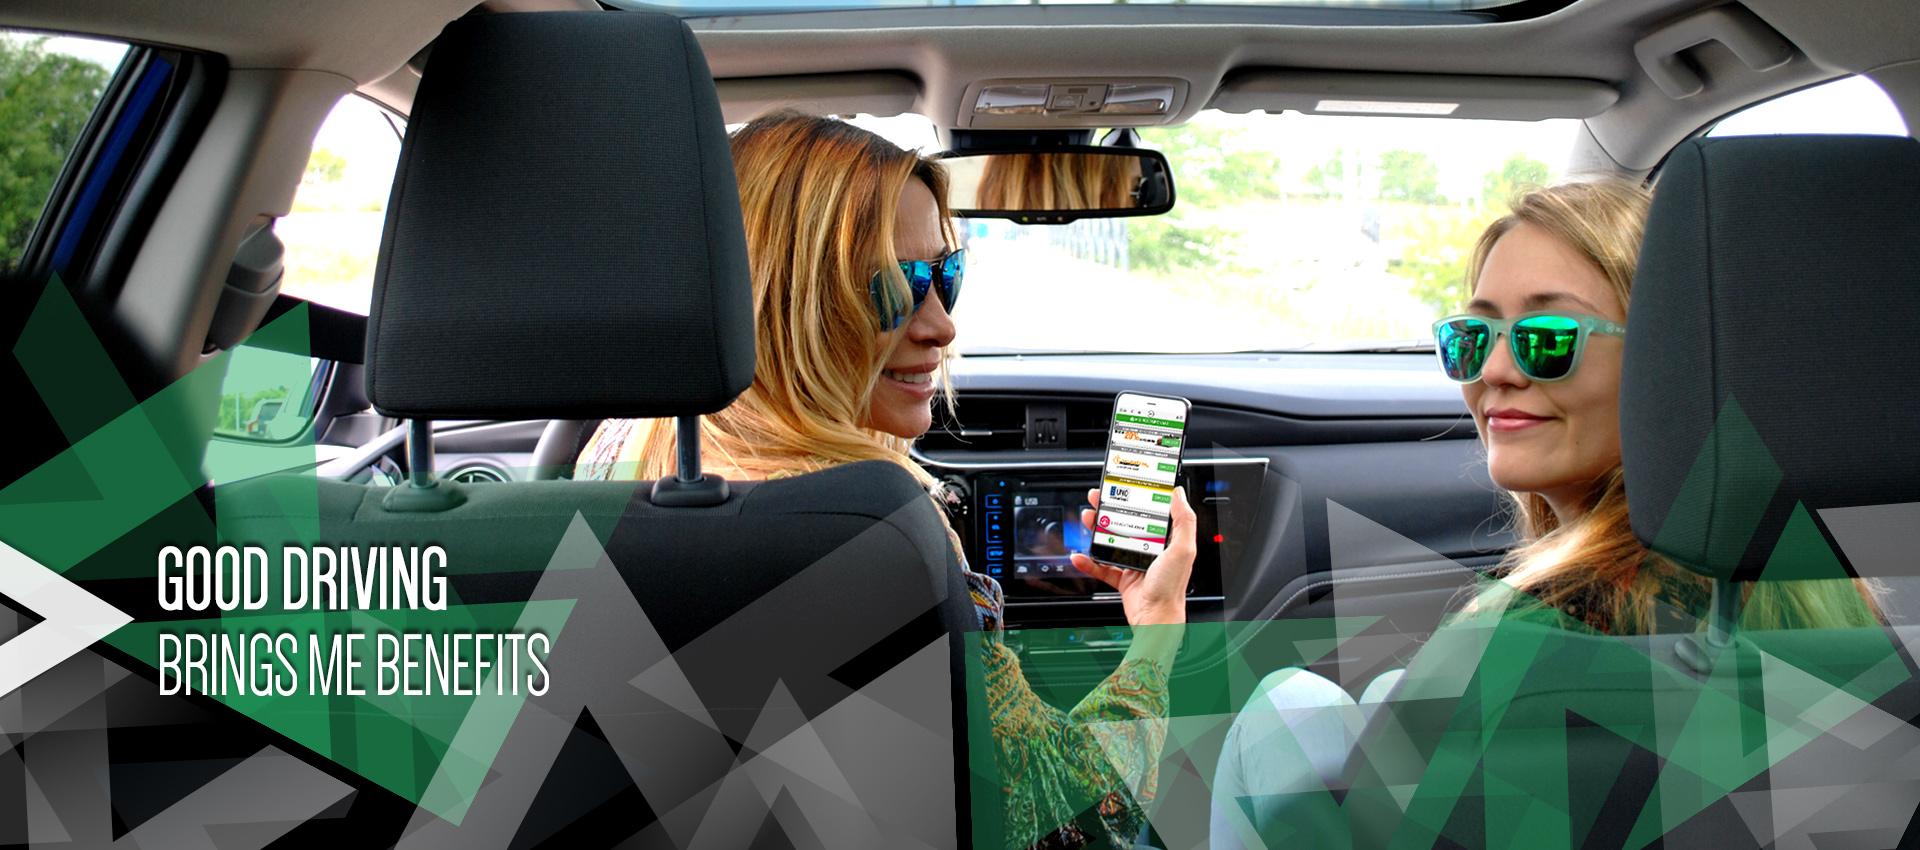 Drive Smart homepage imagen 4